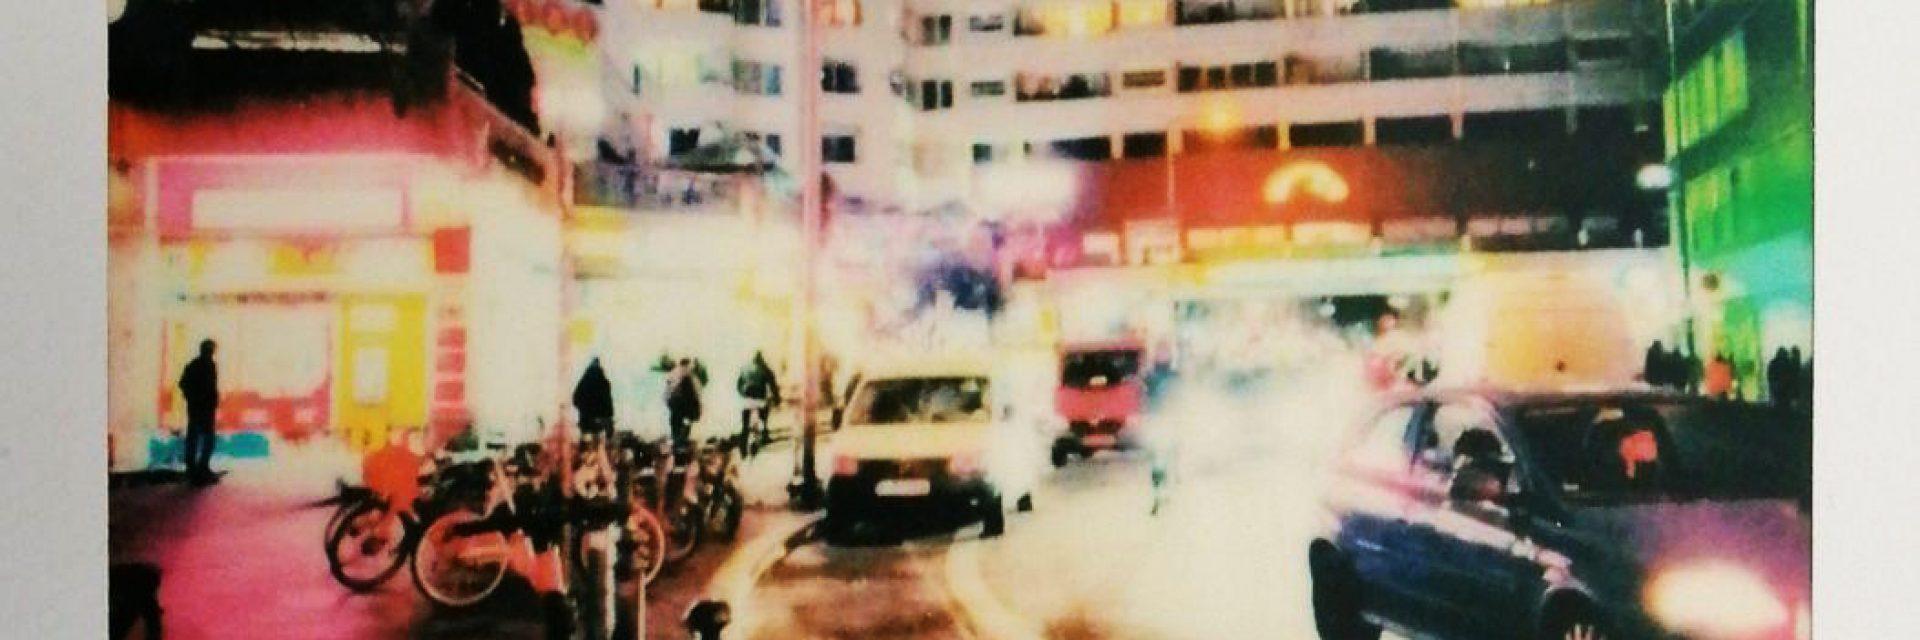 Eine Polaroidaufnahme des Kottbusser Tors bei Nacht. Unten ist das Logo des Projekt kiez:story zu sehen.